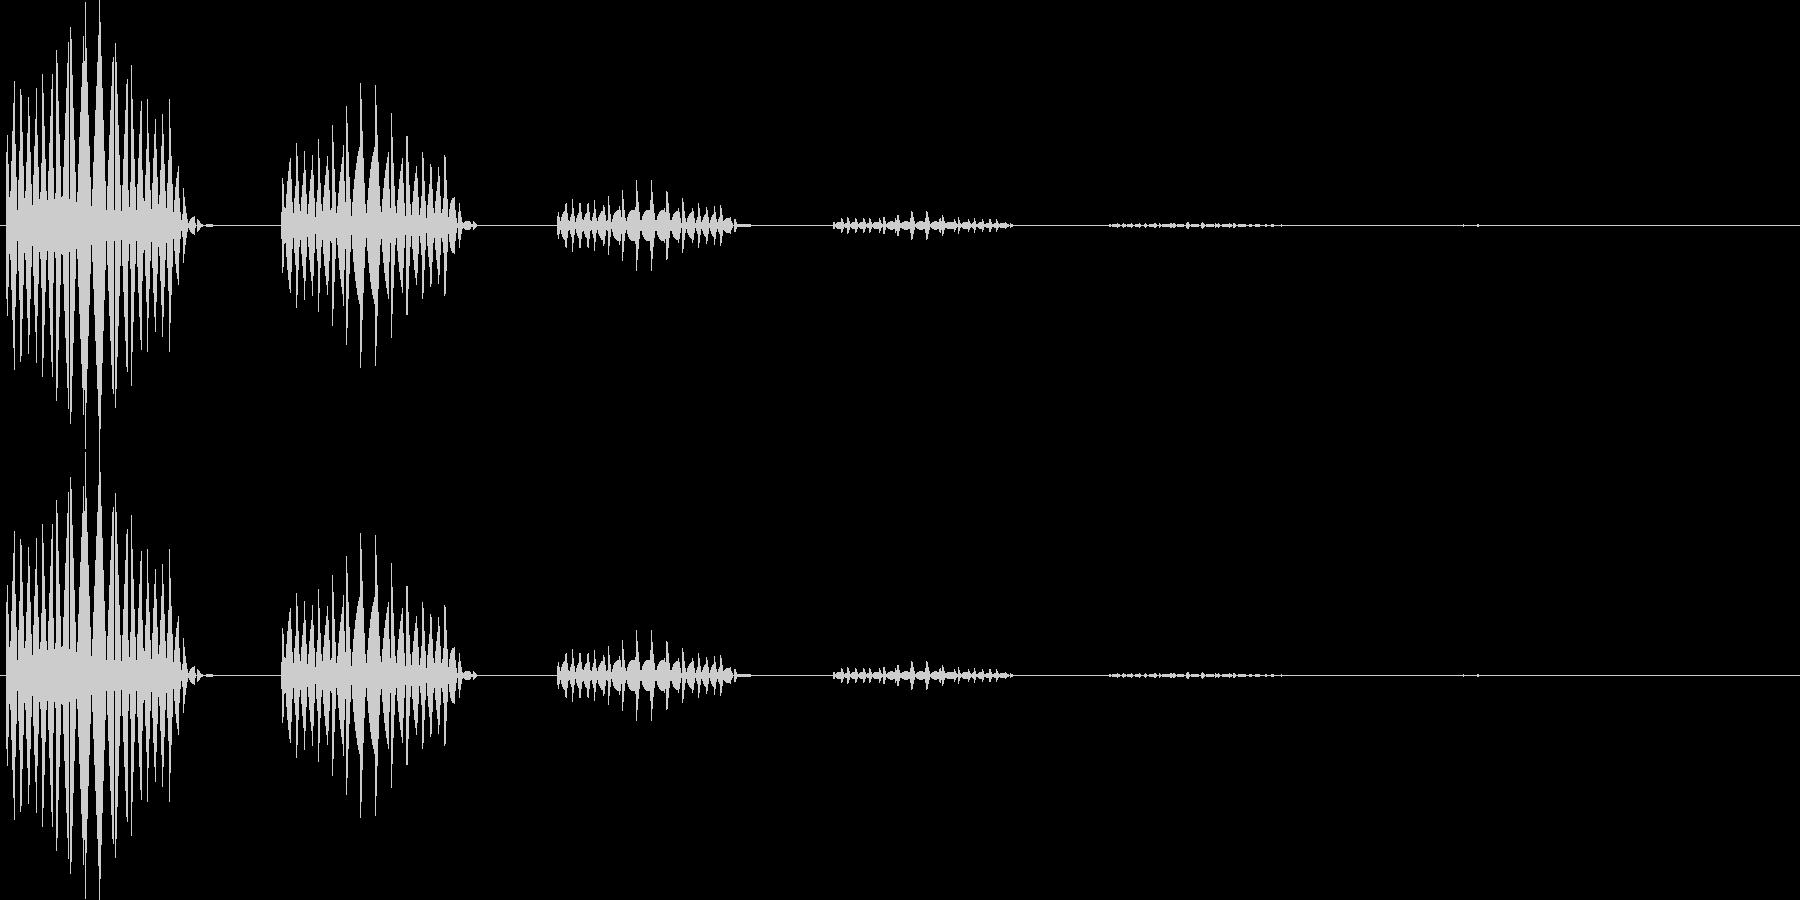 ブブン(キャンセル、モニタ表示、間違い)の未再生の波形